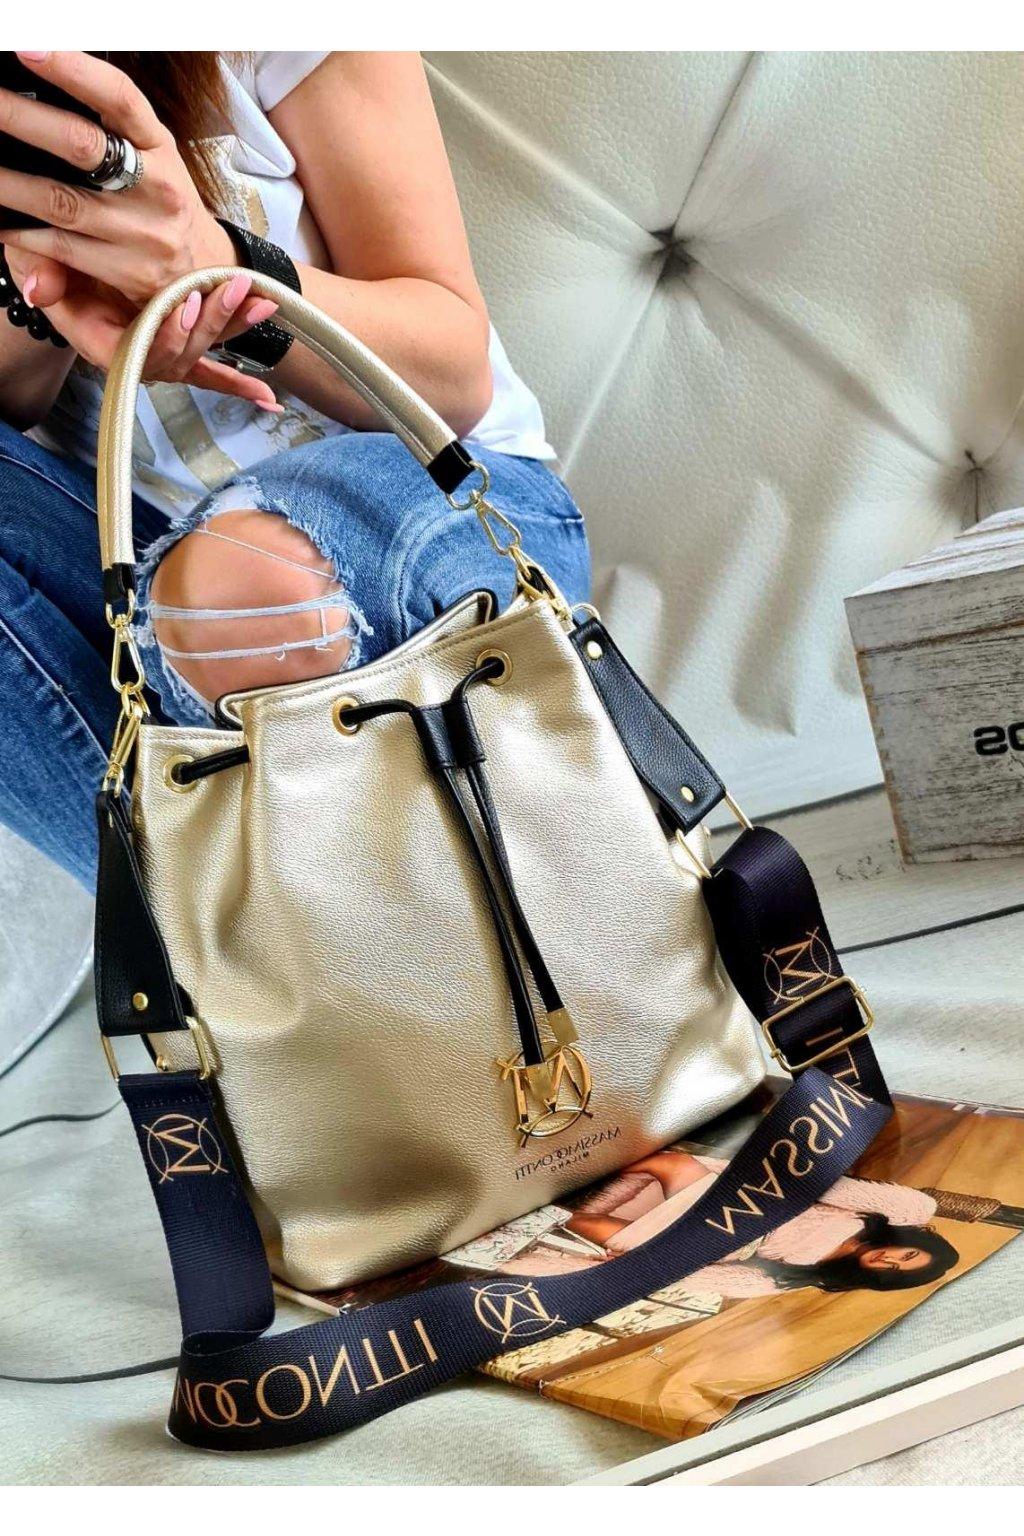 massimo contti vak oboustranNý zlatOČERNÝ italy style fashion luxusní kabelky